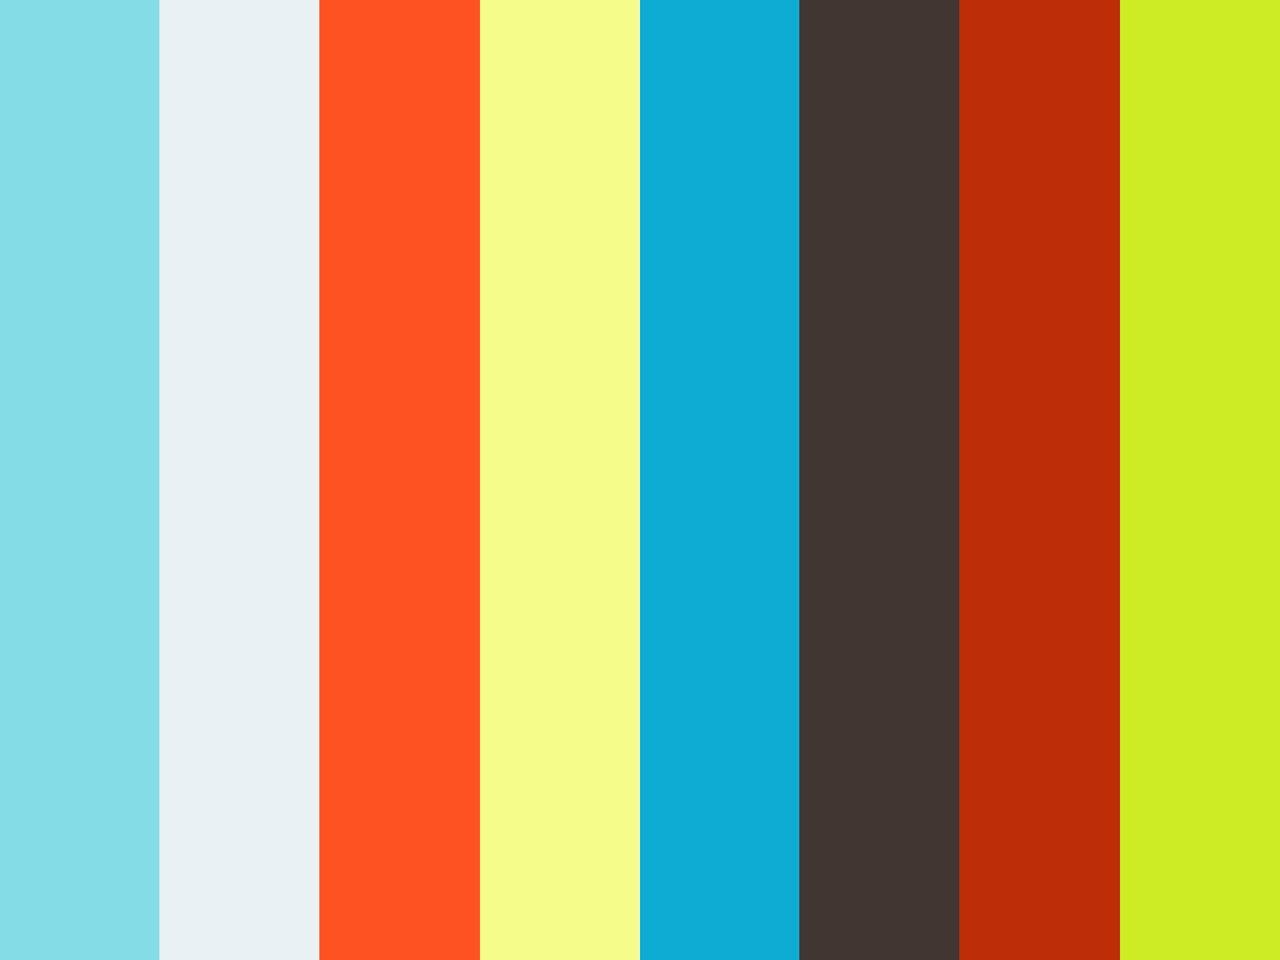 Blaesbjerg.com til kaffen - 3 gode råd til Black Friday